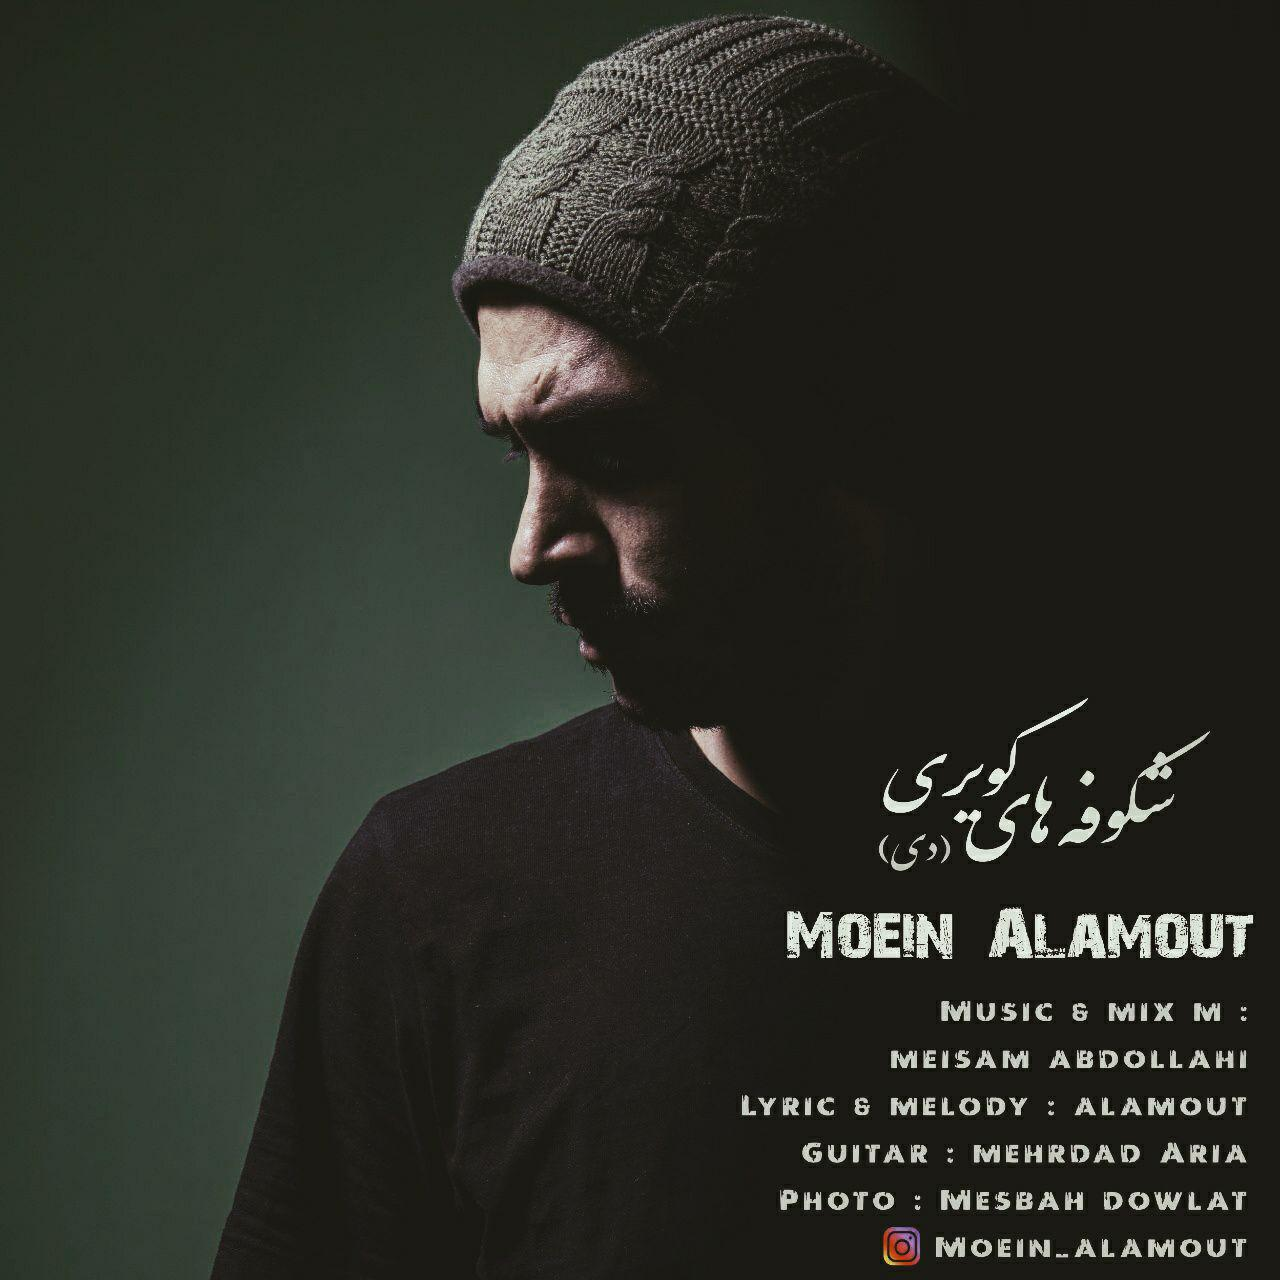 دانلود آهنگ جدید معین الموت شکوفه های پاییزی (دی)